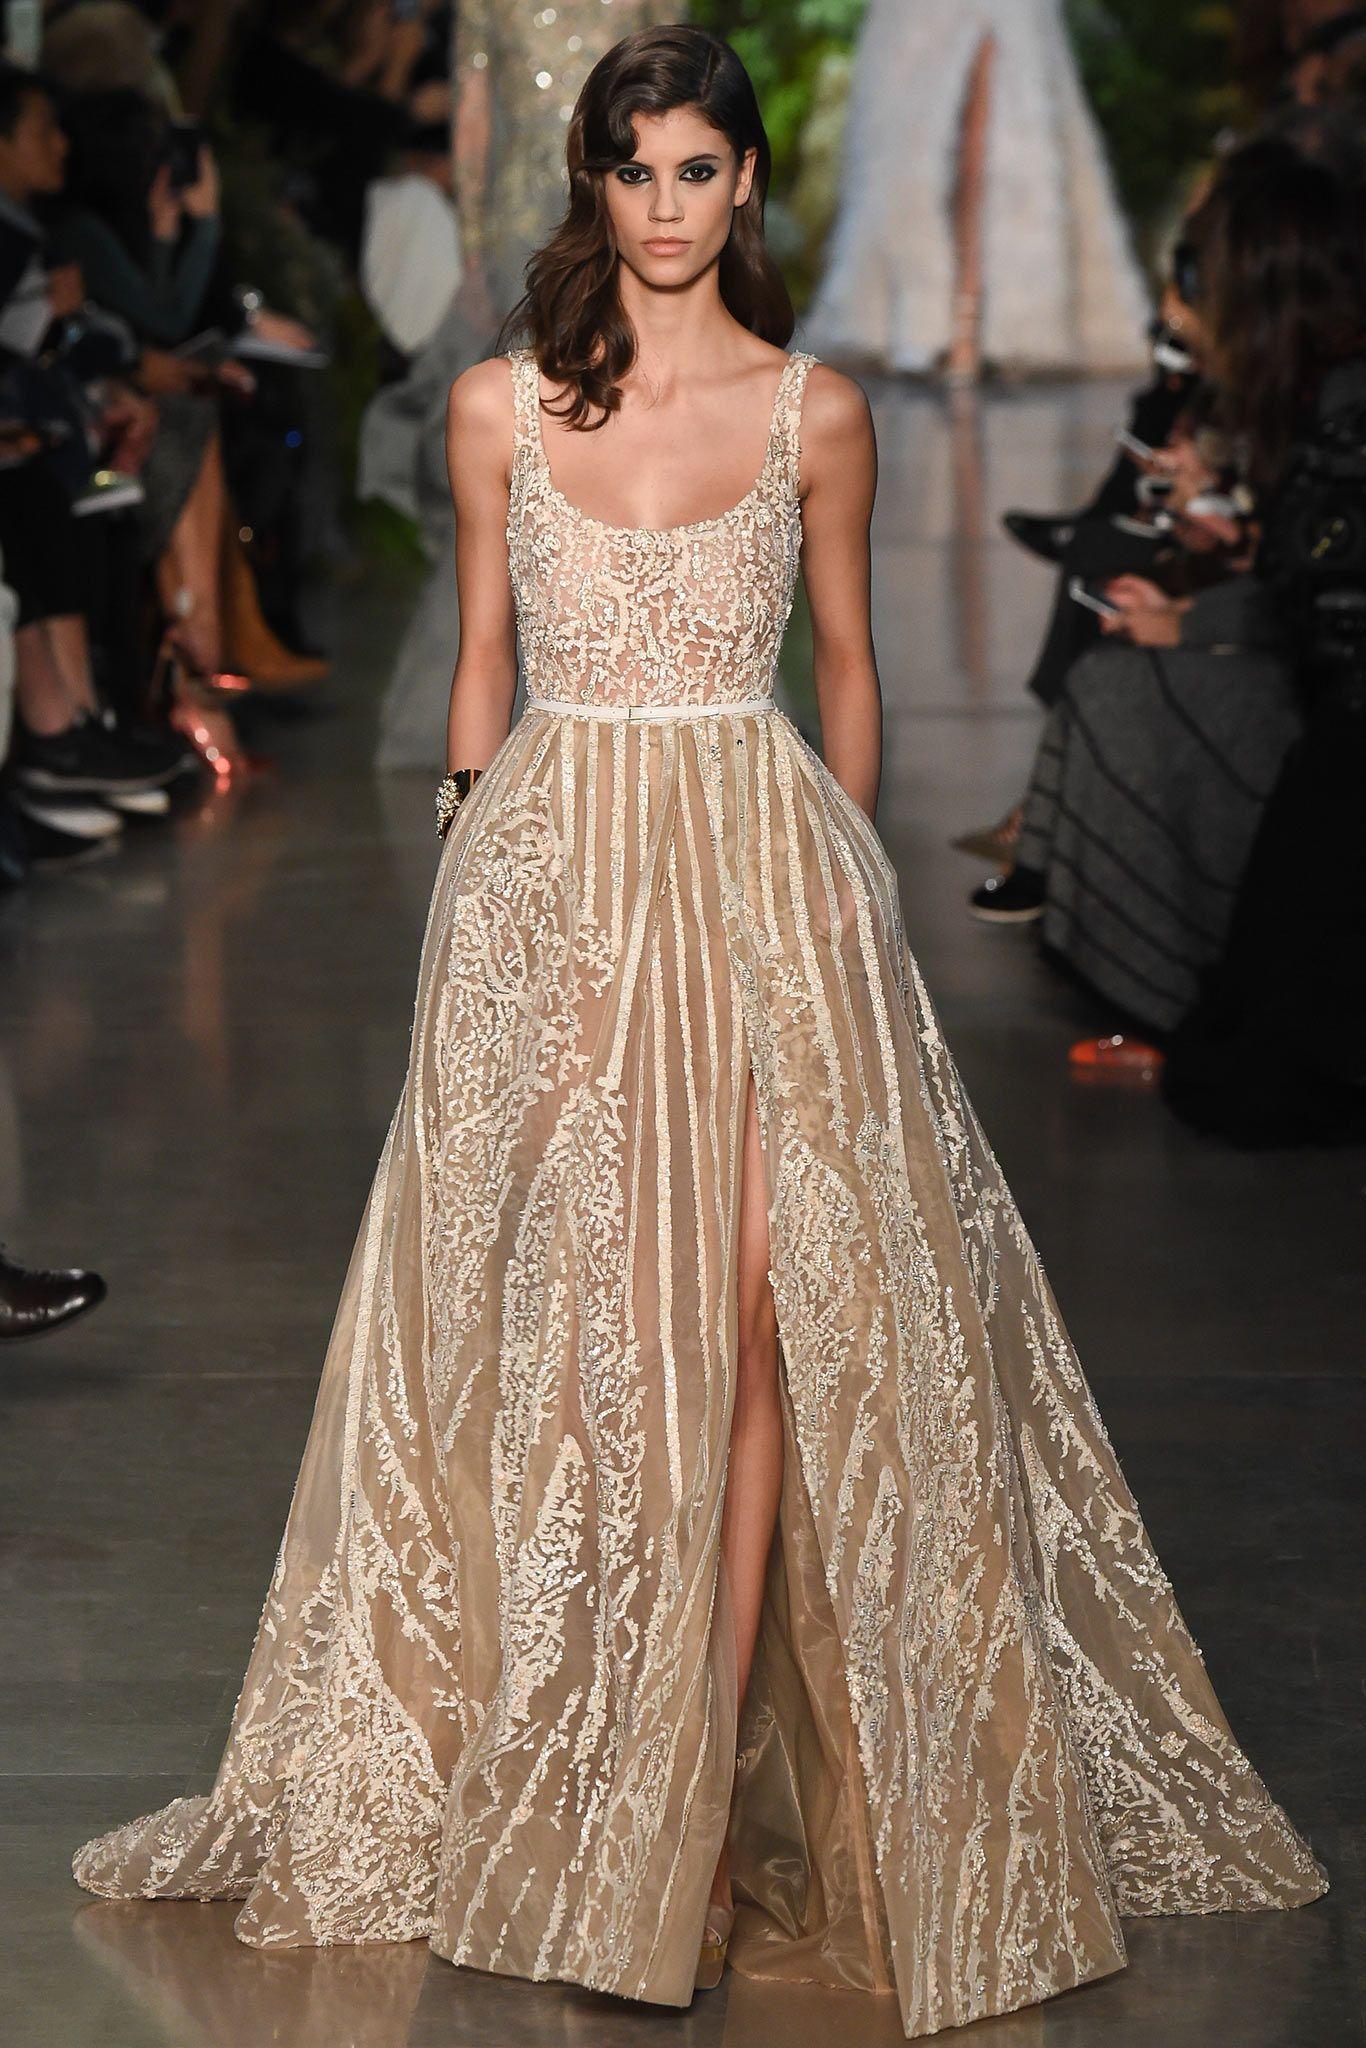 Paris fashion week u primavera u vestidos para madrinhas elie